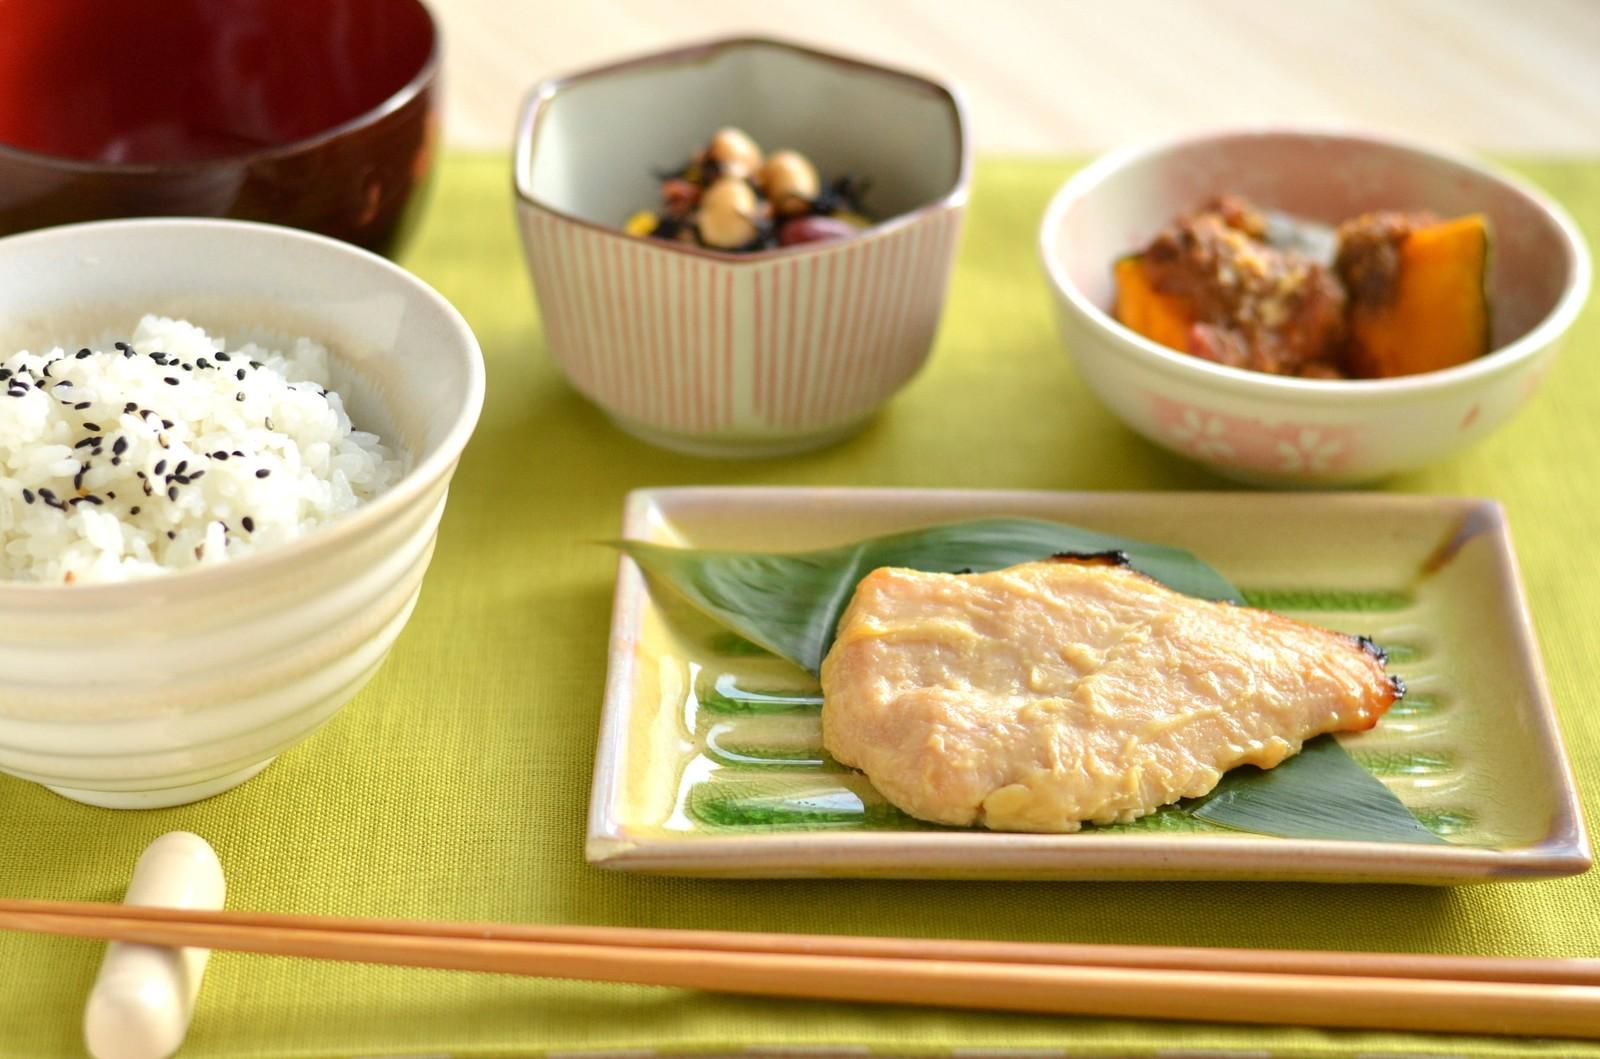 東福寺周辺のランチ特集!人気の和食や京料理が堪能できるおしゃれな店など